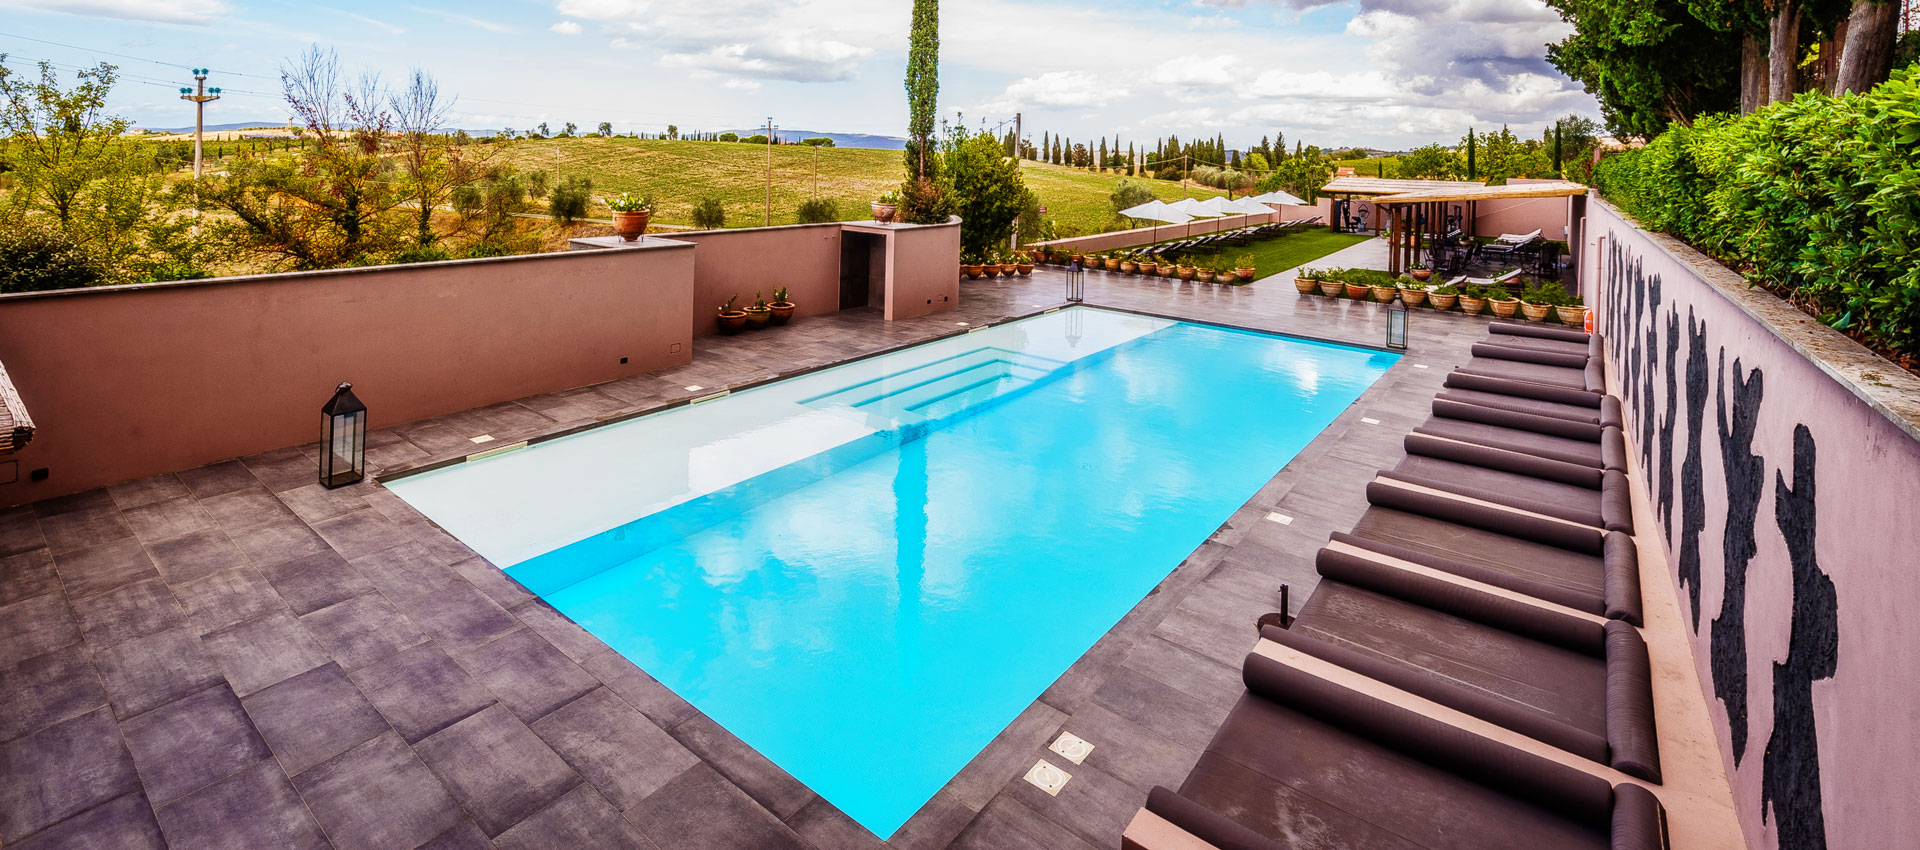 piscine-hotel-piscine-castiglione - Lo Sapio Pools ...